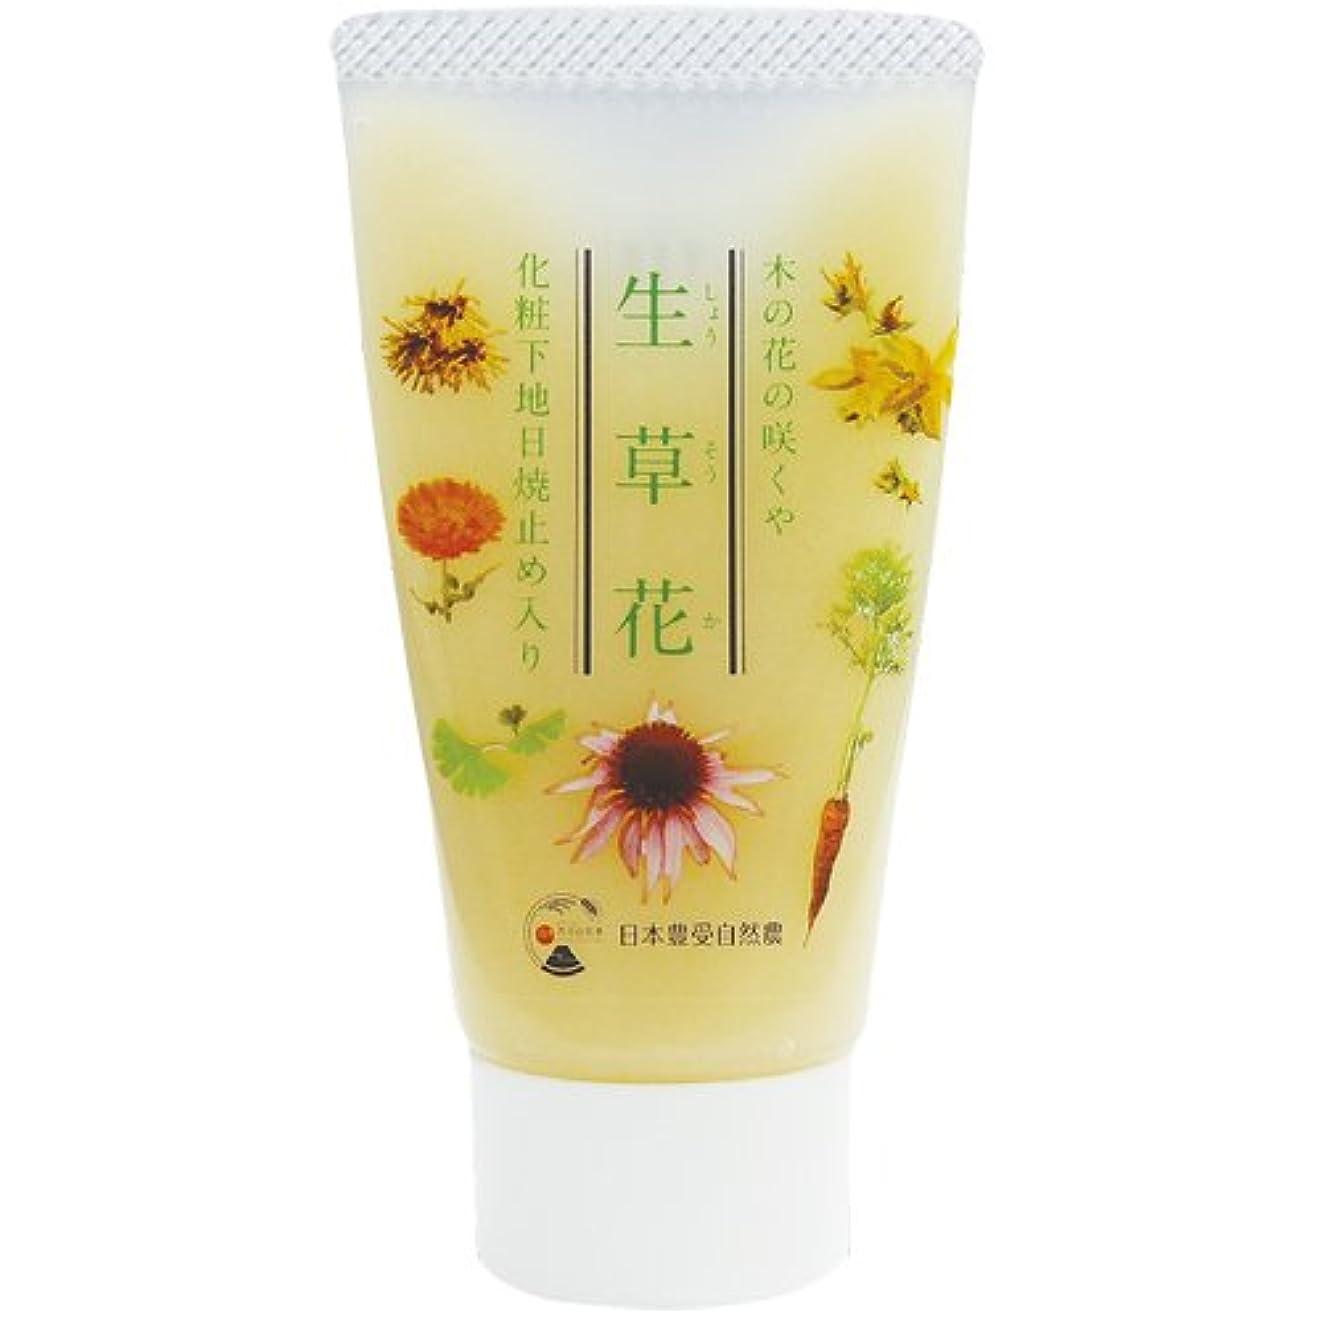 記念品望ましい証言日本豊受自然農 木の花の咲くや 生草花 化粧下地 日焼け止め入り 30g